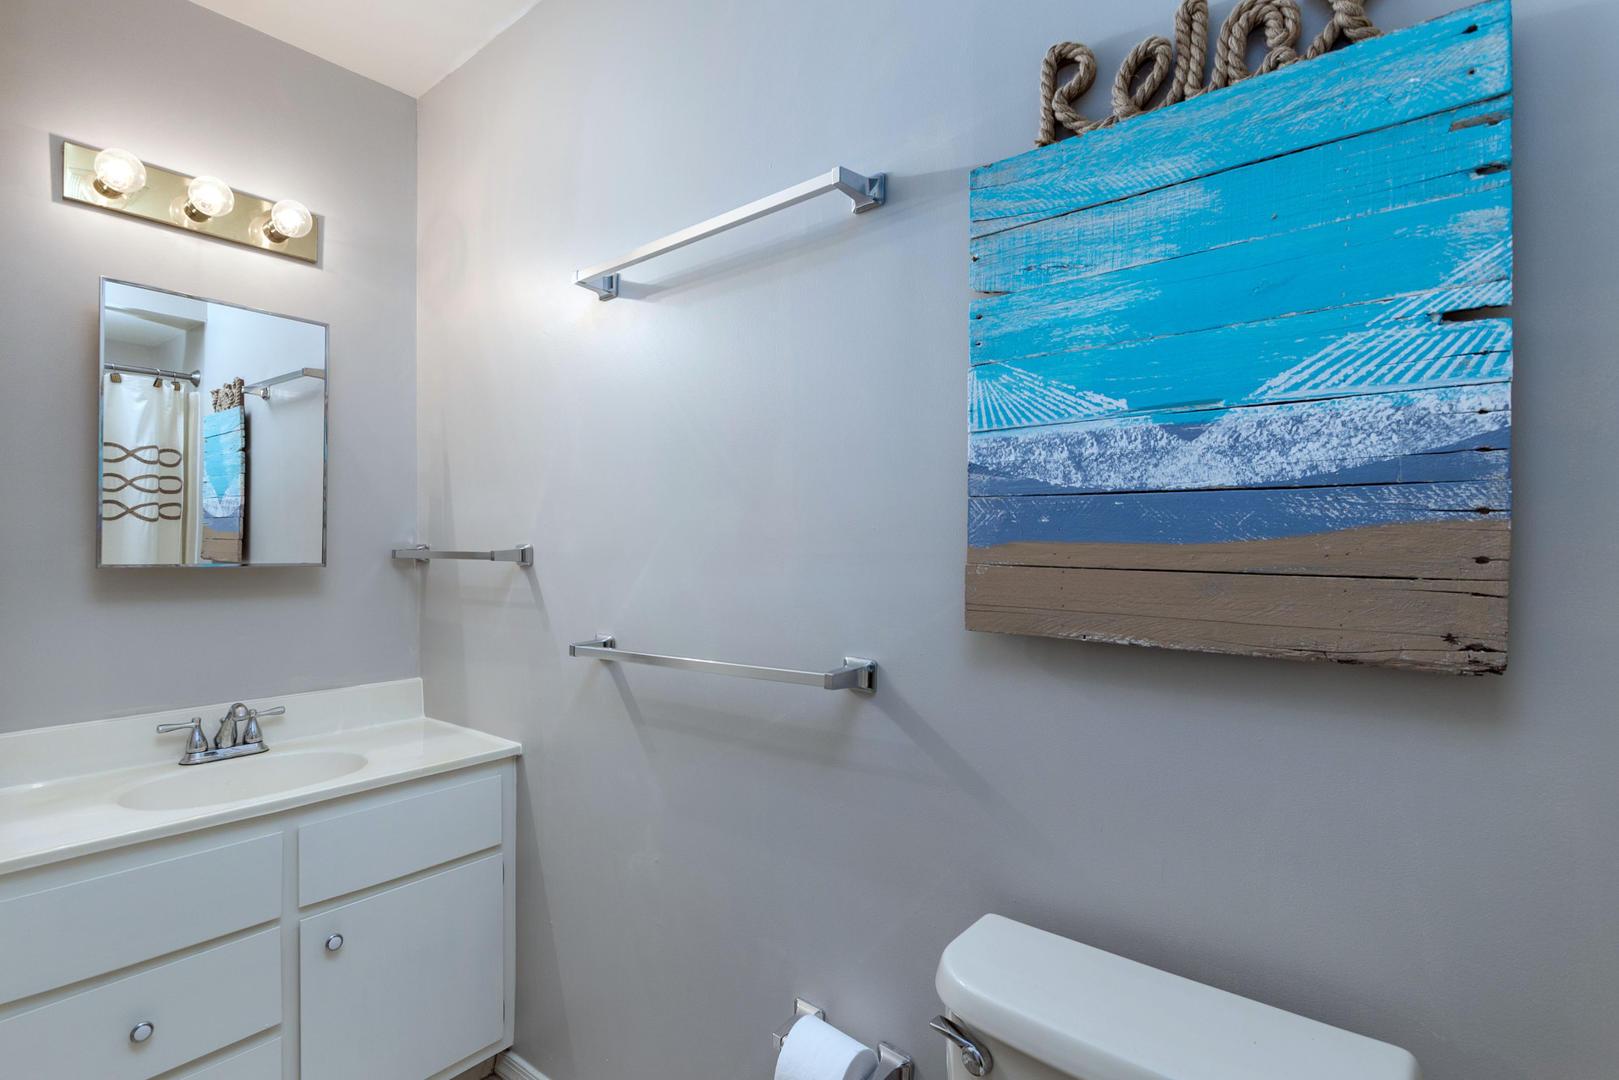 Lost Colony 371 - Bathroom 2